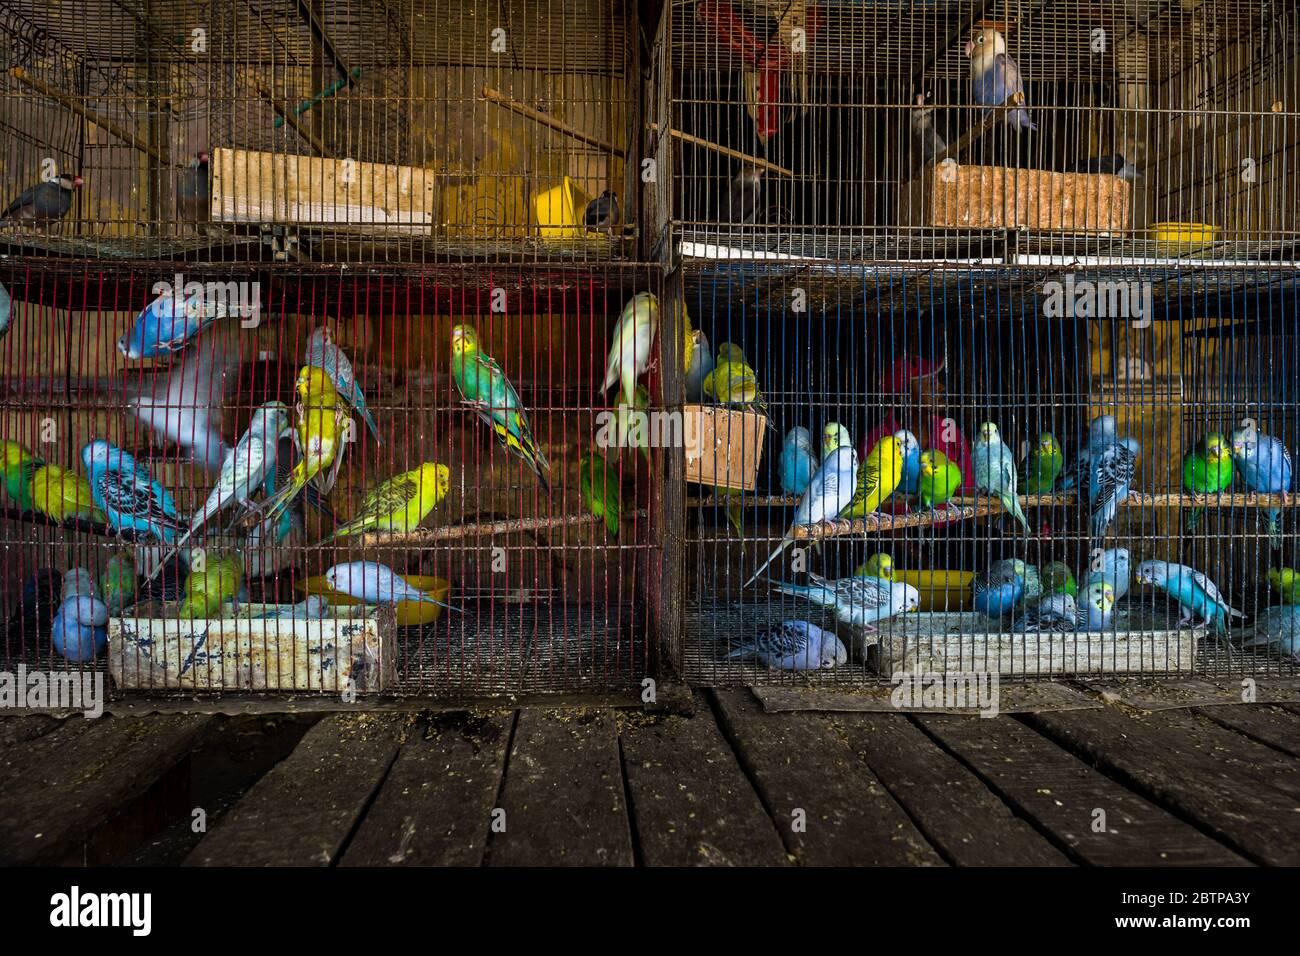 Des dizaines d'oiseaux de compagnie sont vus à l'intérieur des cages à oiseaux dans le marché des oiseaux à Barranquilla, en Colombie. Banque D'Images